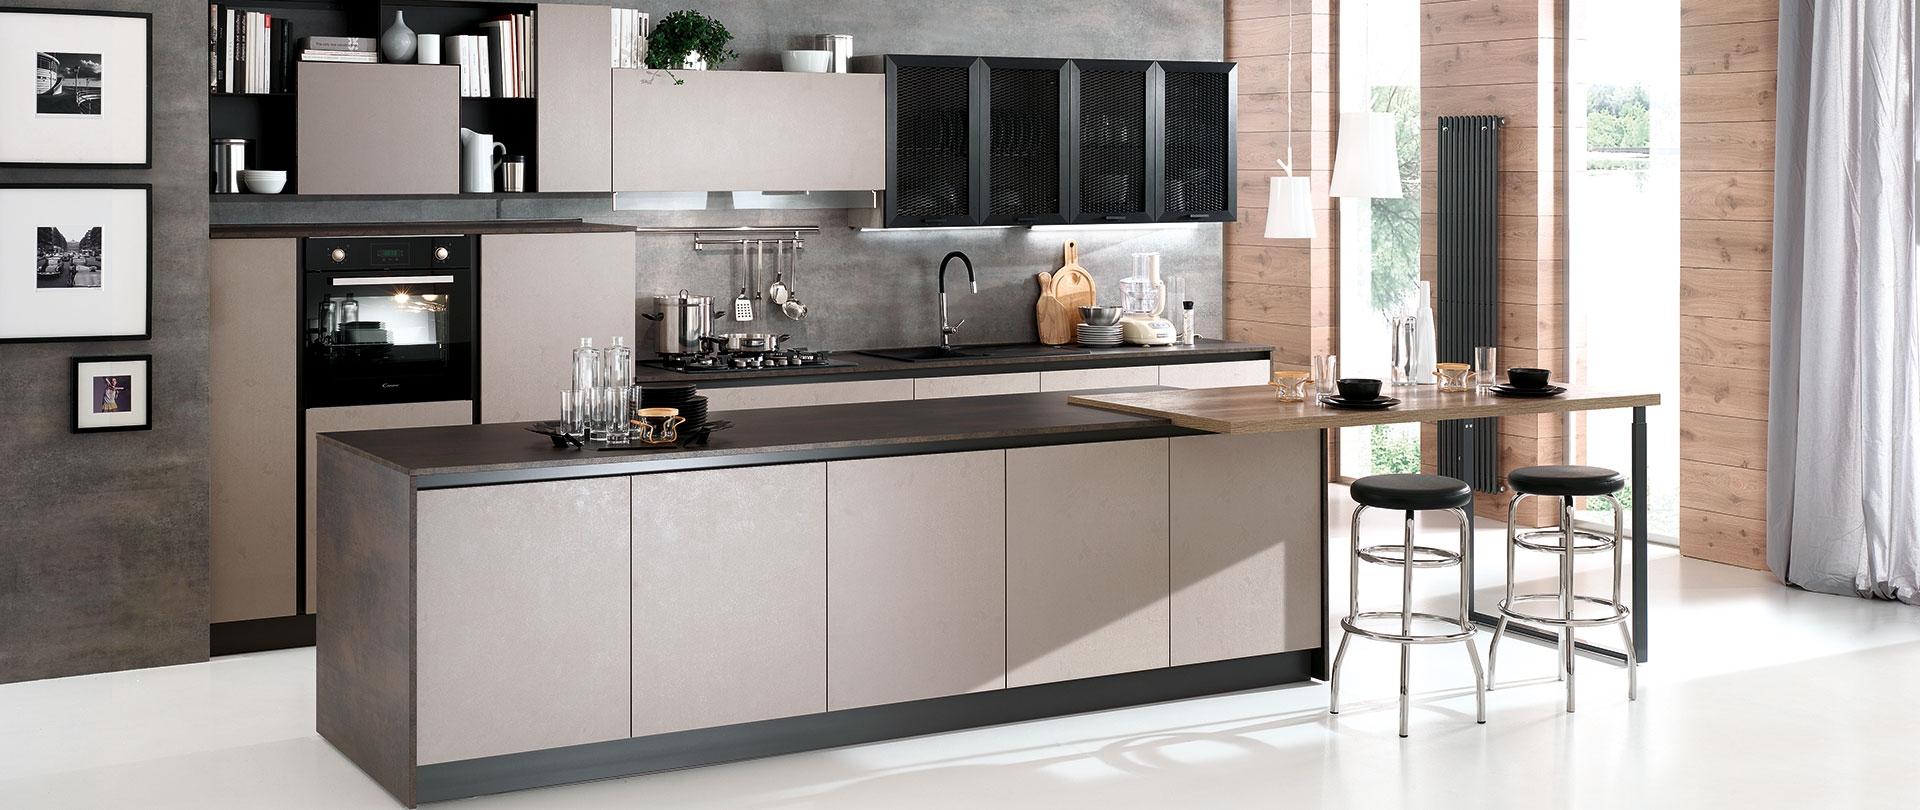 Nuovi mondi cucine cucina cucina isola maxi essenza - Disposizione elettrodomestici cucina ...